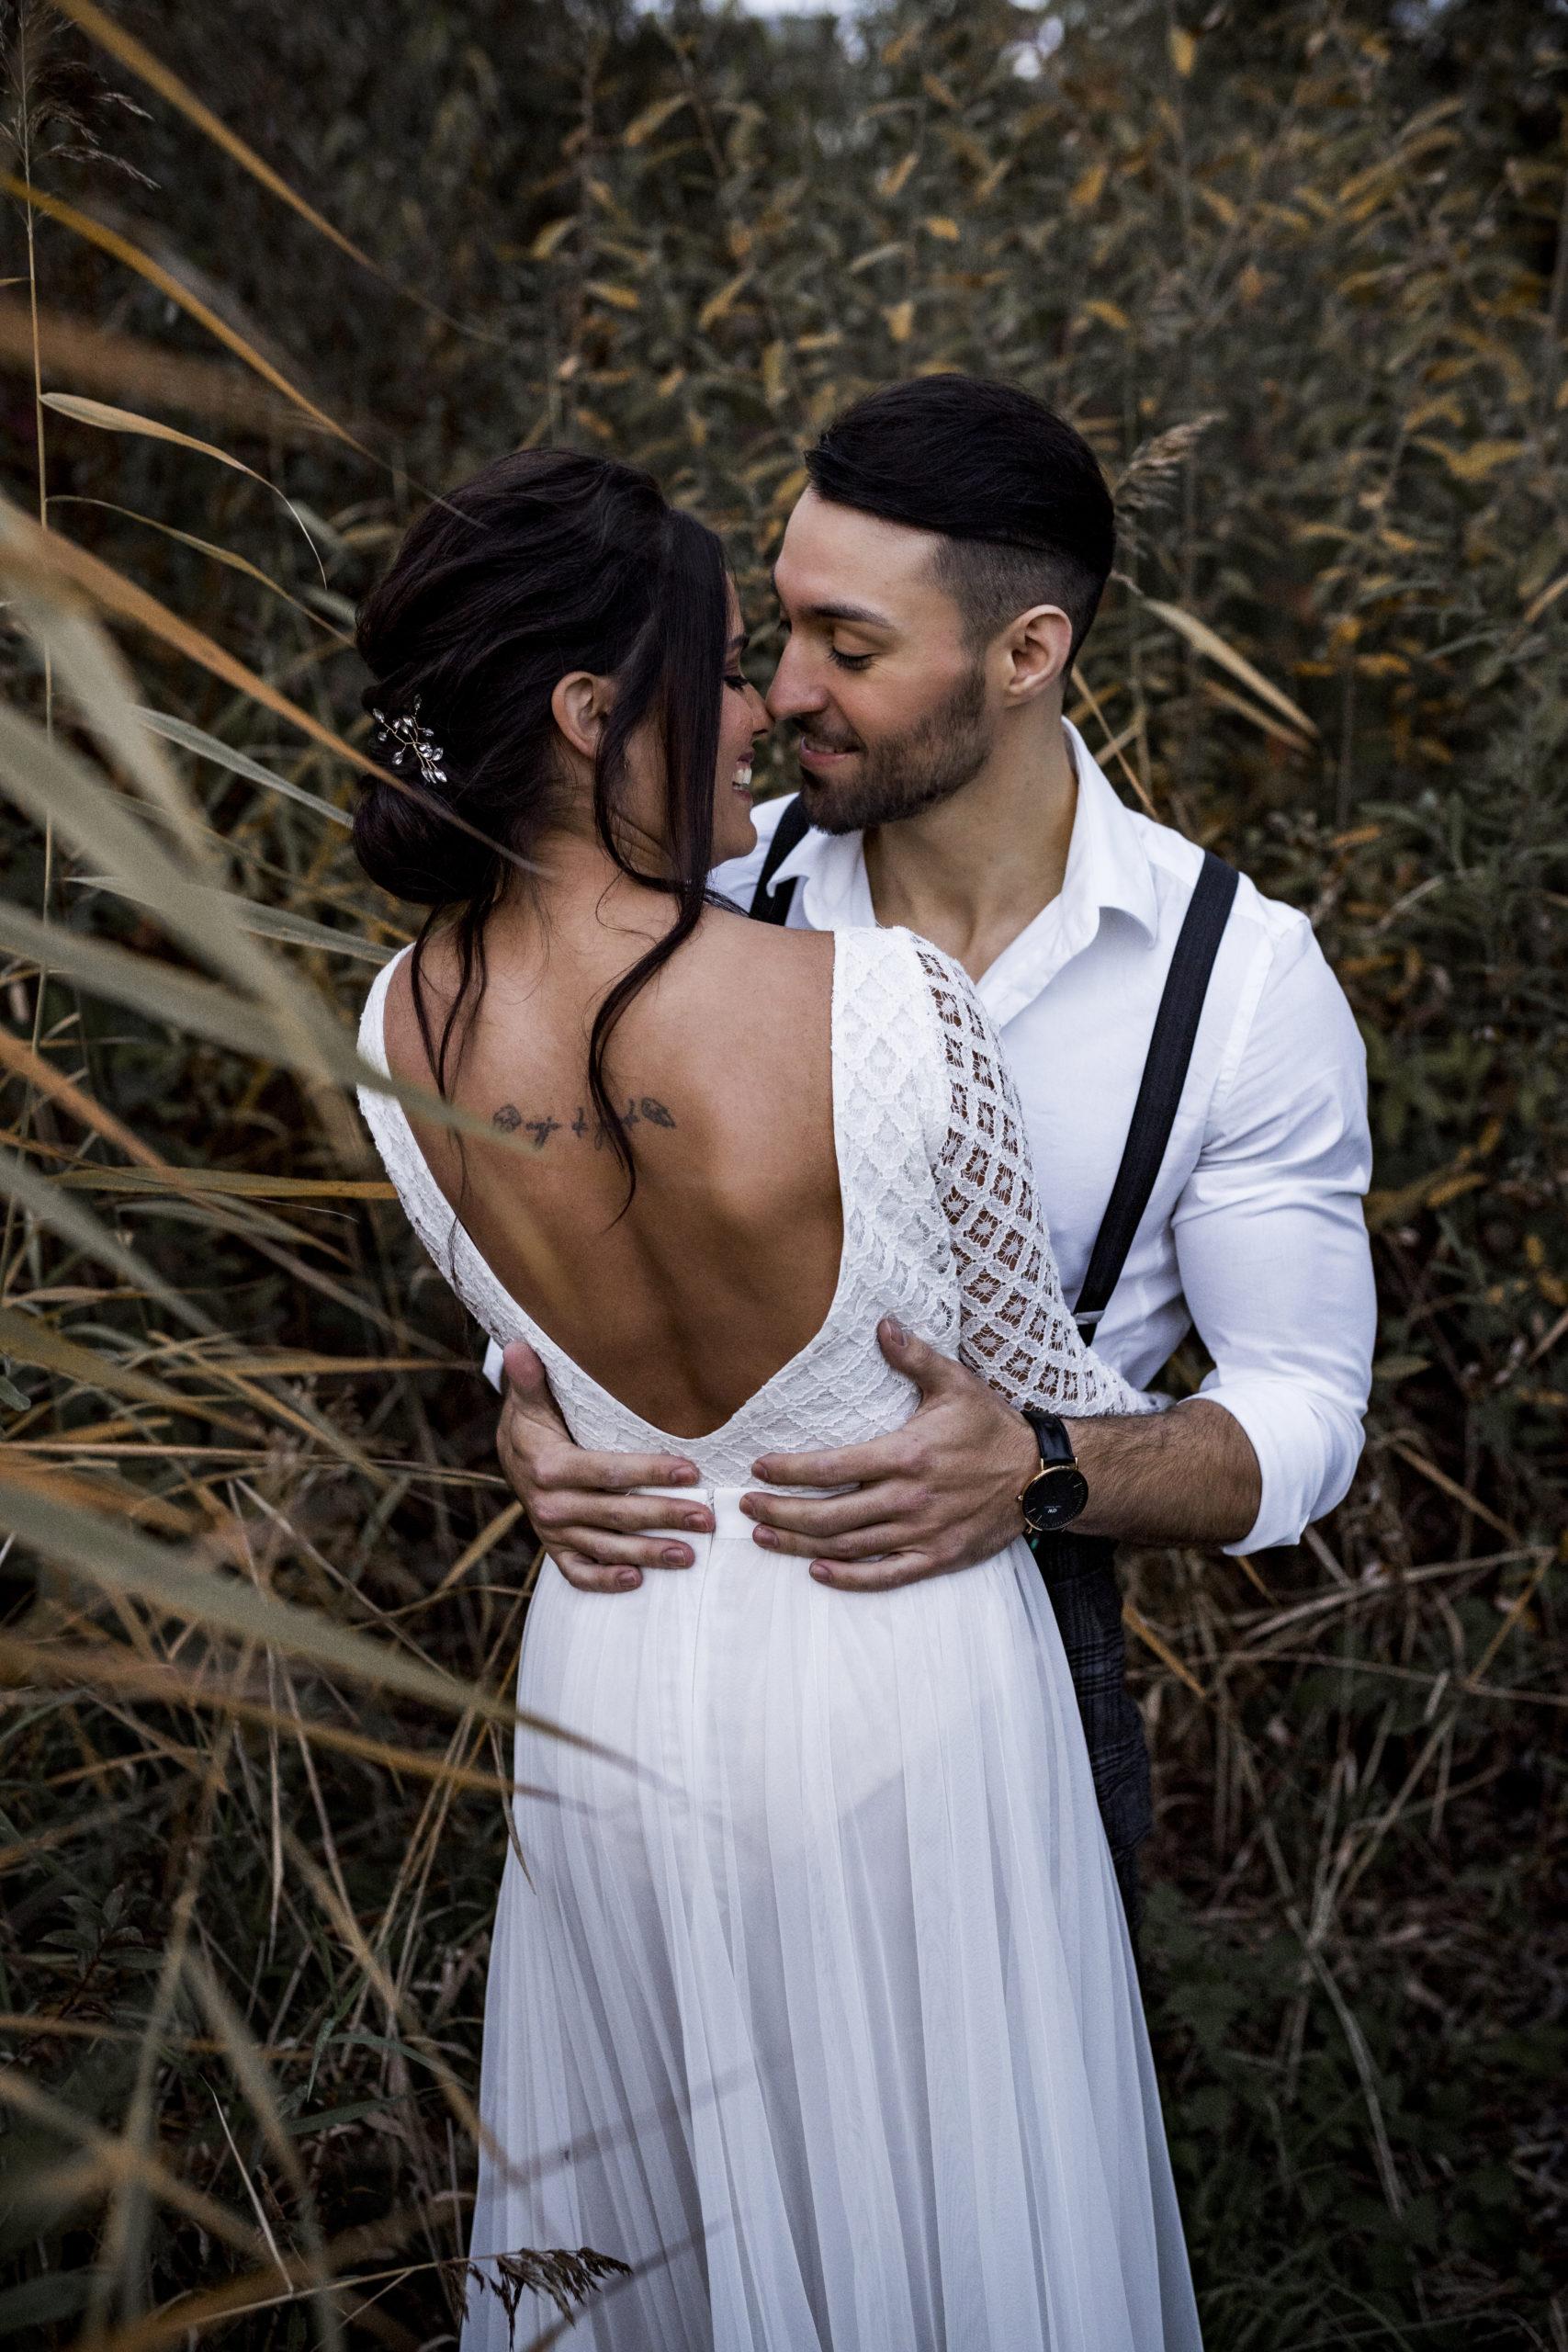 noni Styled Shoot, Model-Paar in Umarmung und lächelnd, Braut mit Oberteil aus weißer, geometrischer Spitze, Bräutigam mit weißem Hemd und Hosenträgern, Rückenansicht